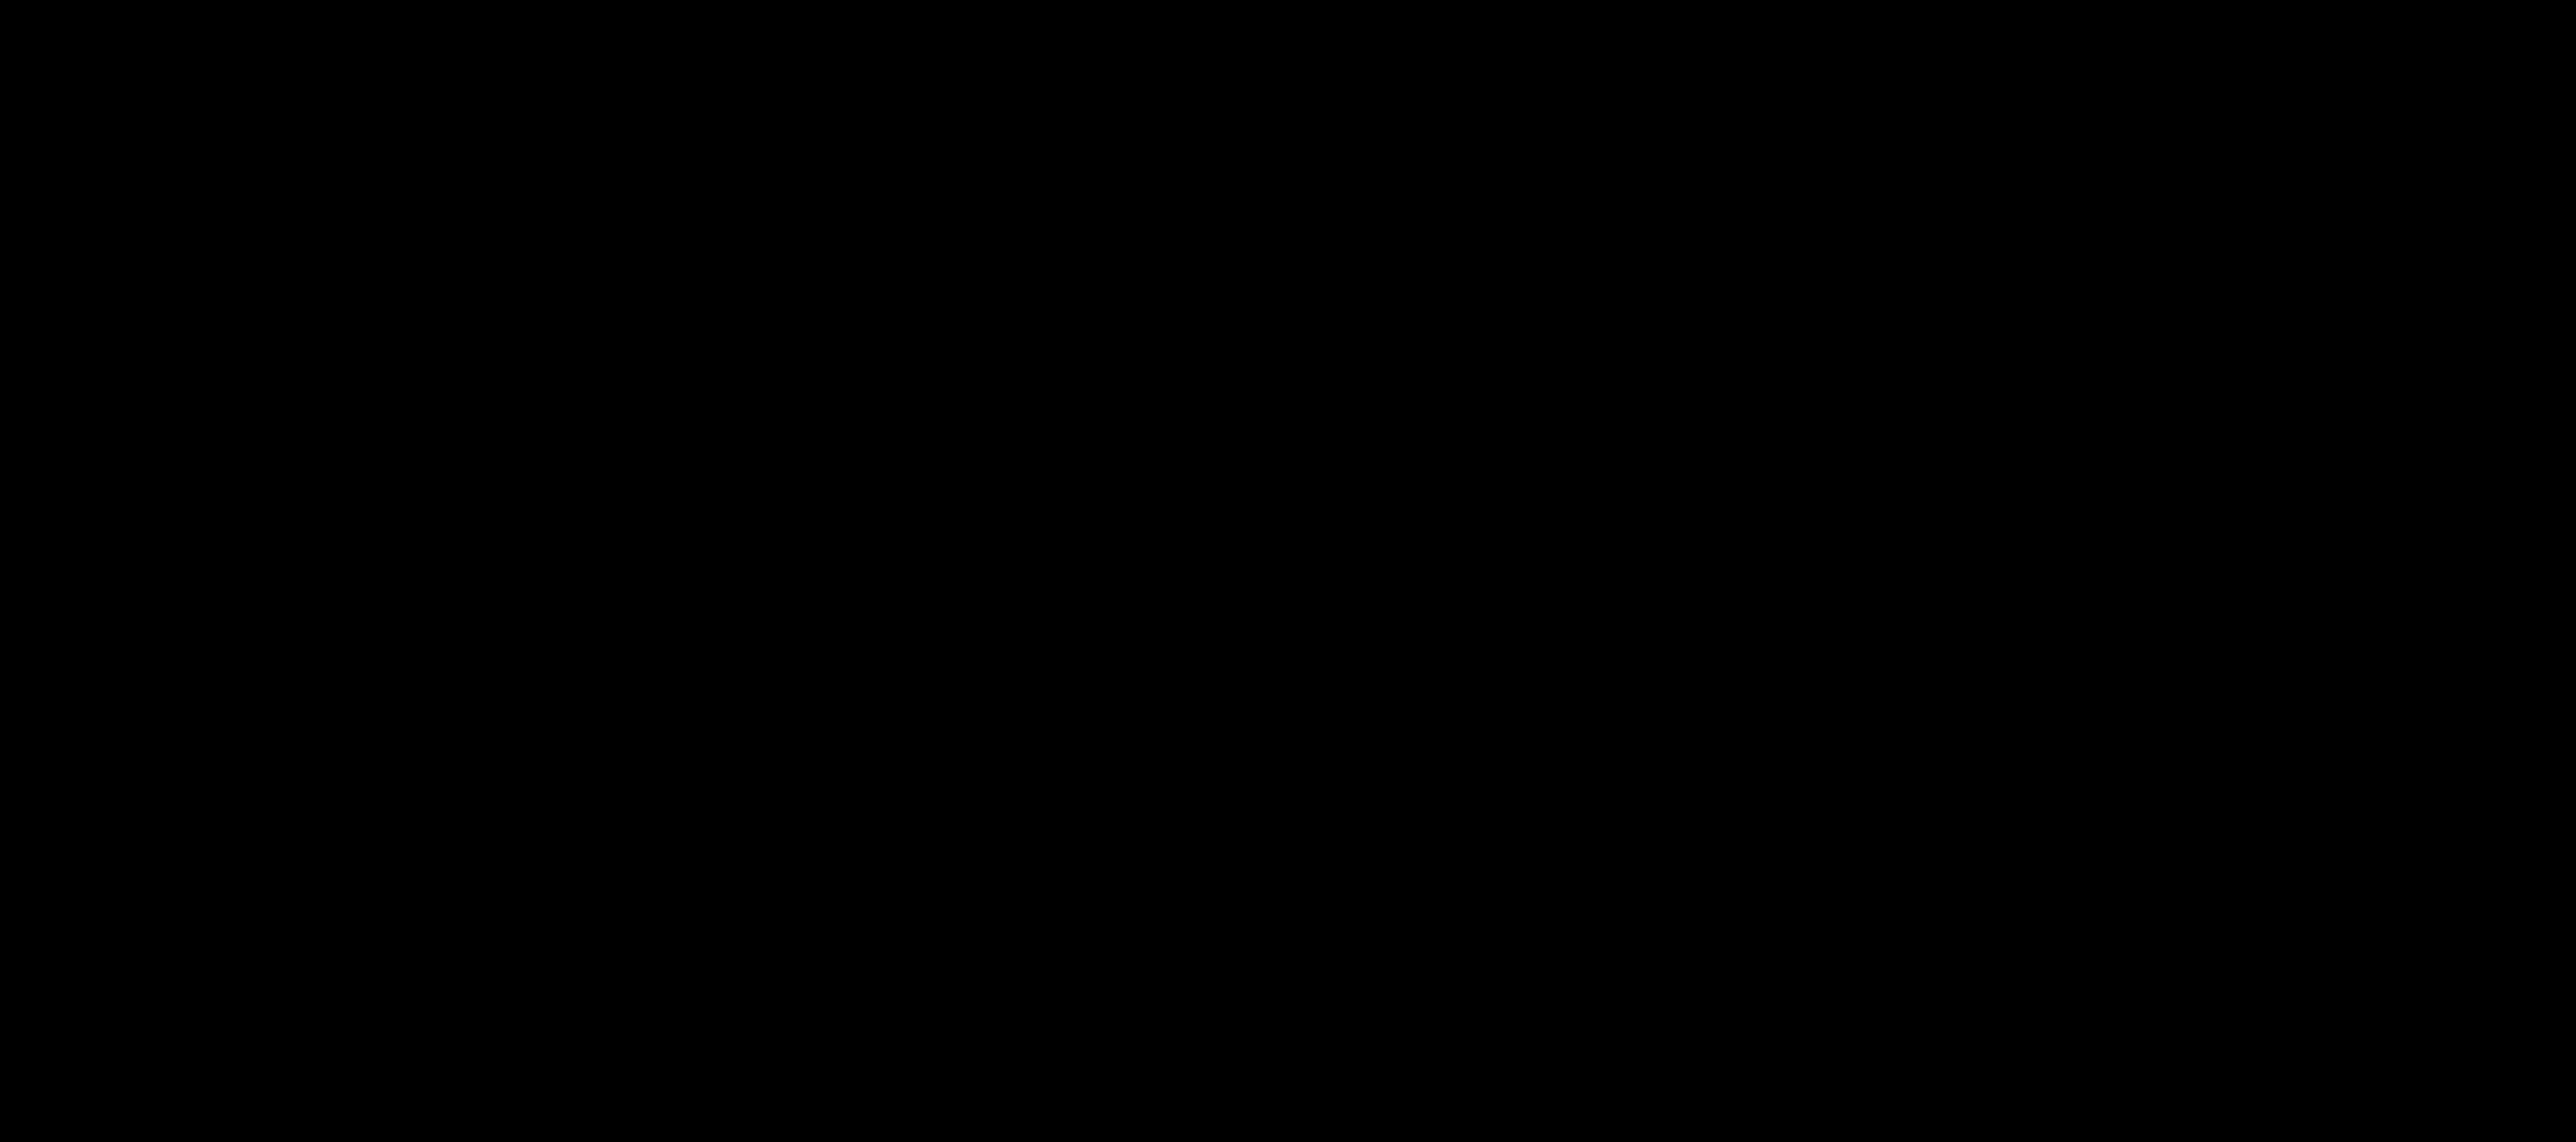 Ettevõtte logo